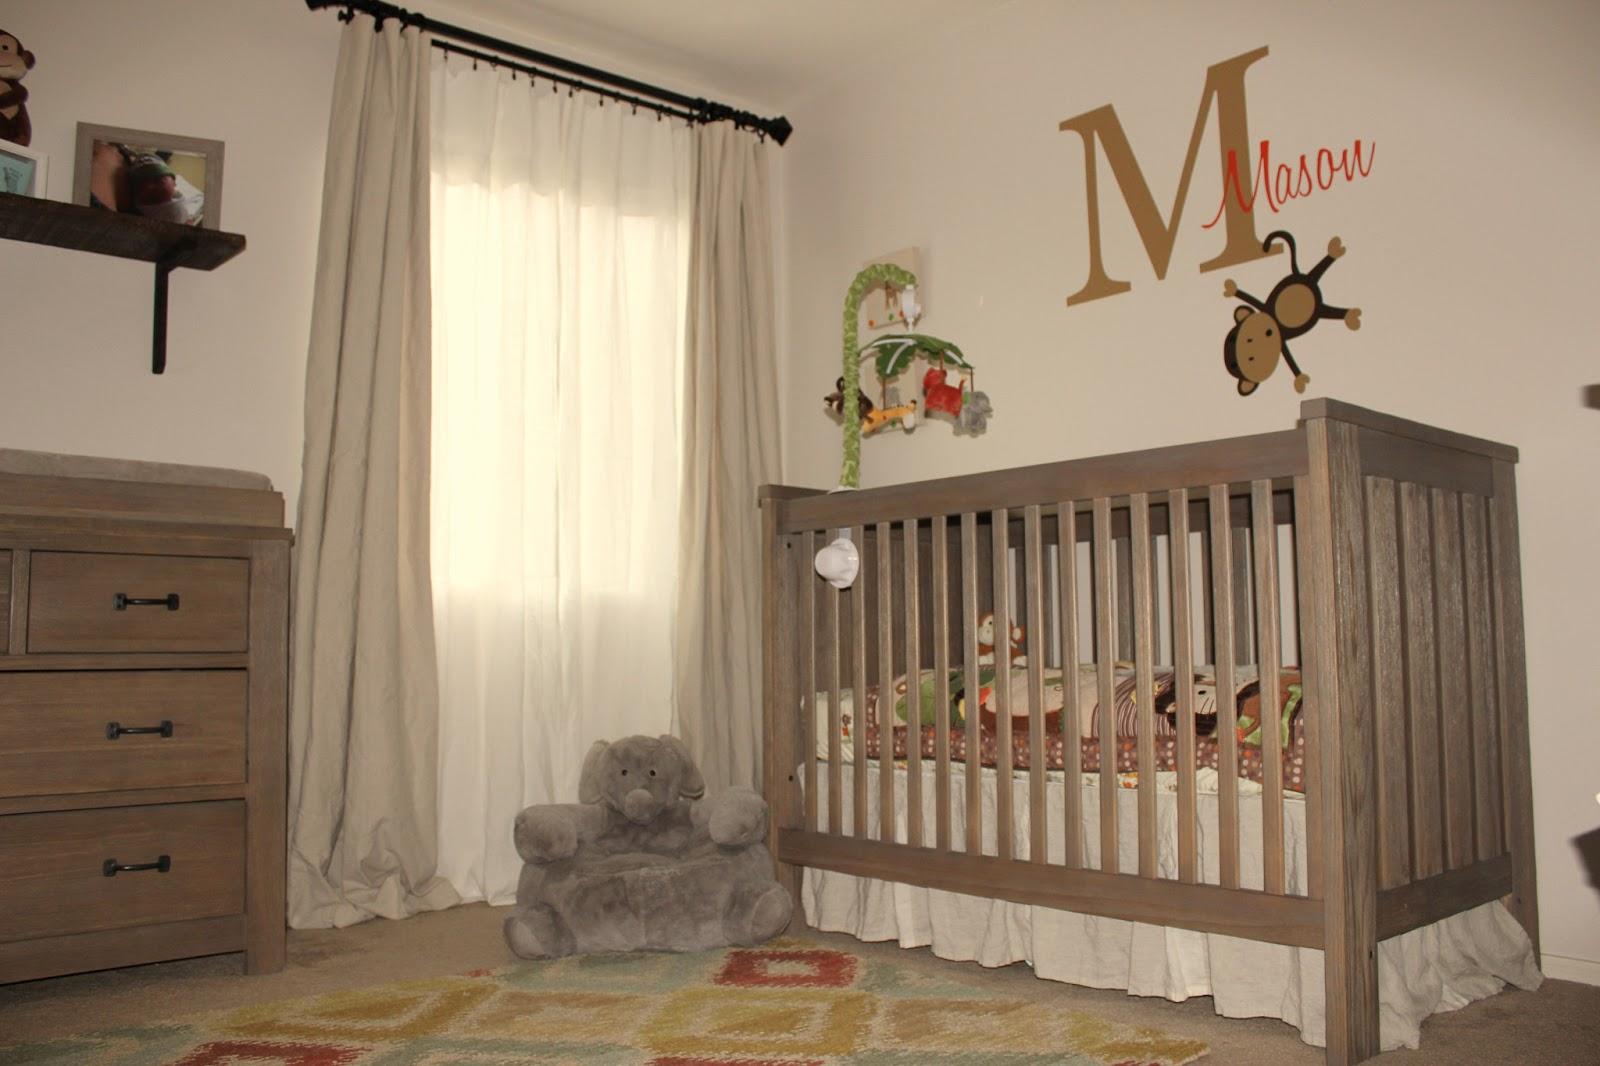 Awesome A Sweet Nursery For Mason